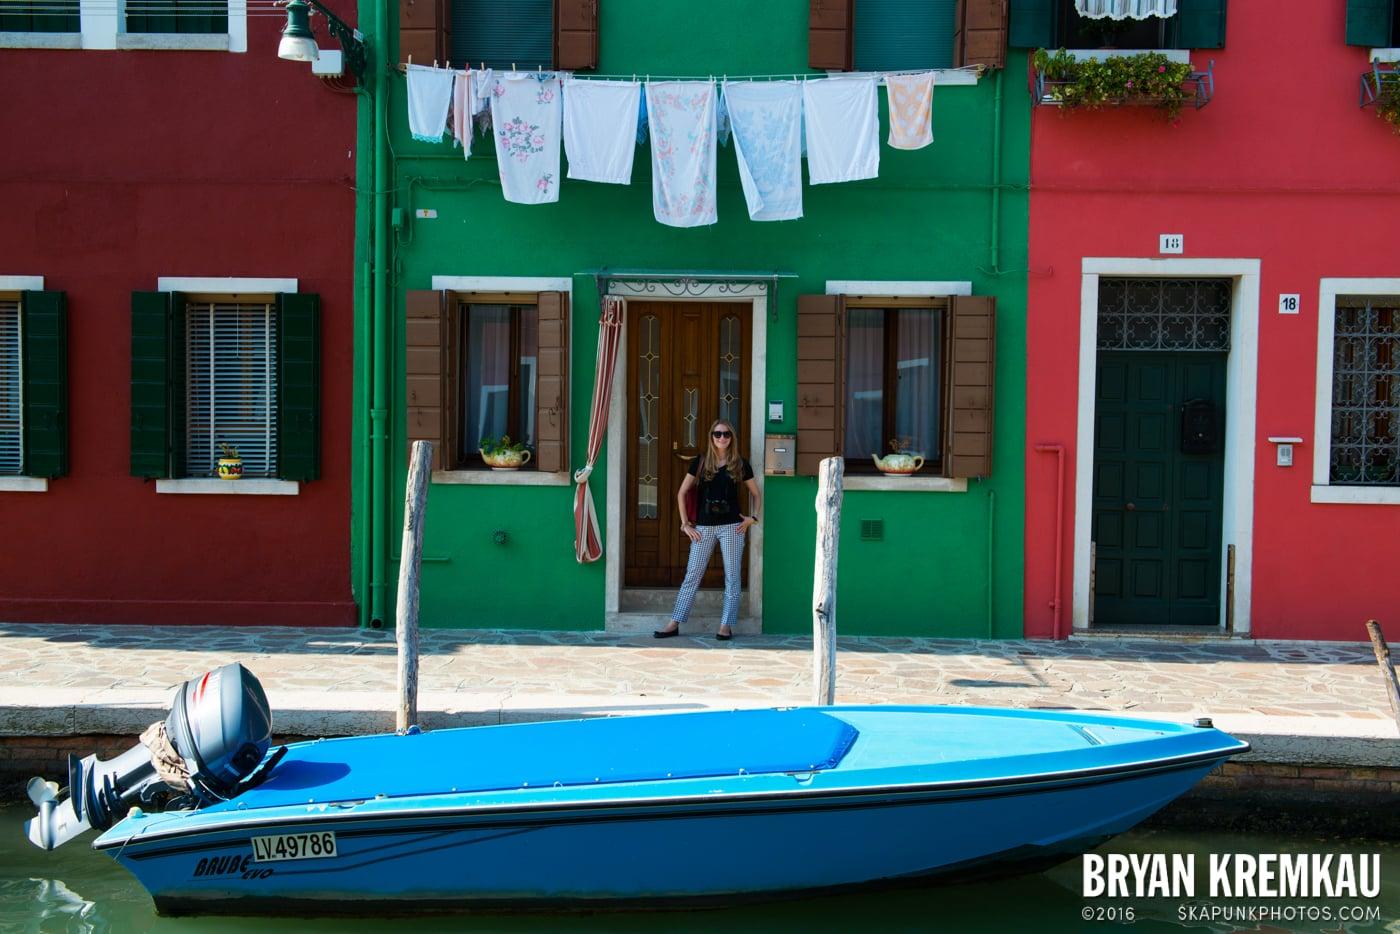 Italy Vacation - Day 6: Murano, Burano, Venice - 9.14.13 (24)